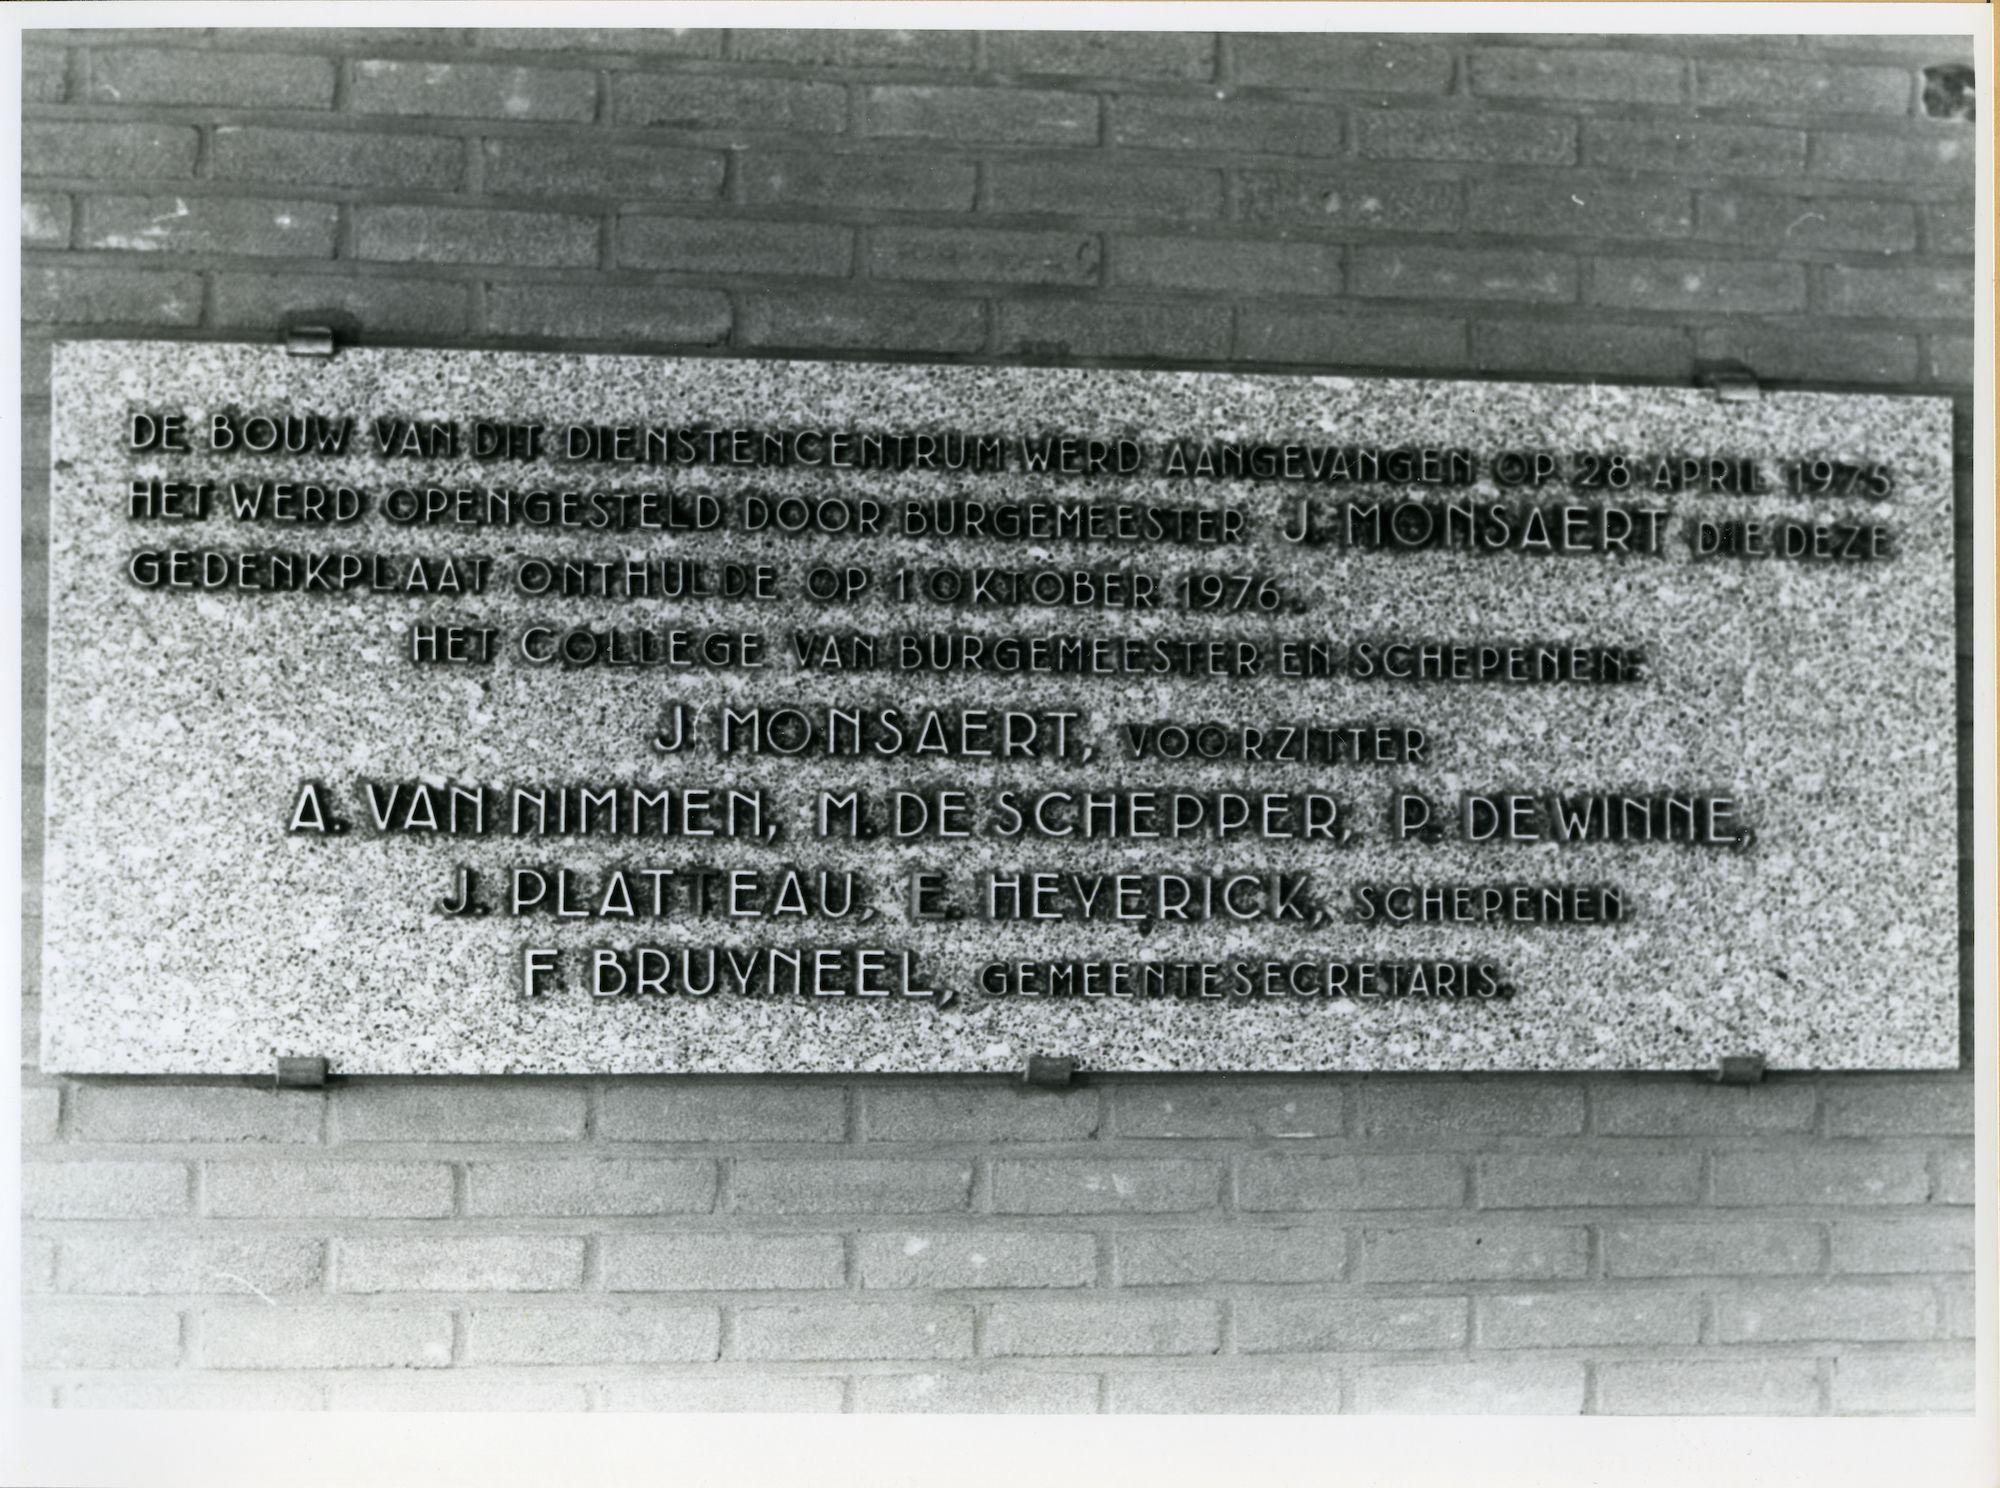 Sint-Amandsberg: Antwerpsesteenweg 154-156: Gedenksteen